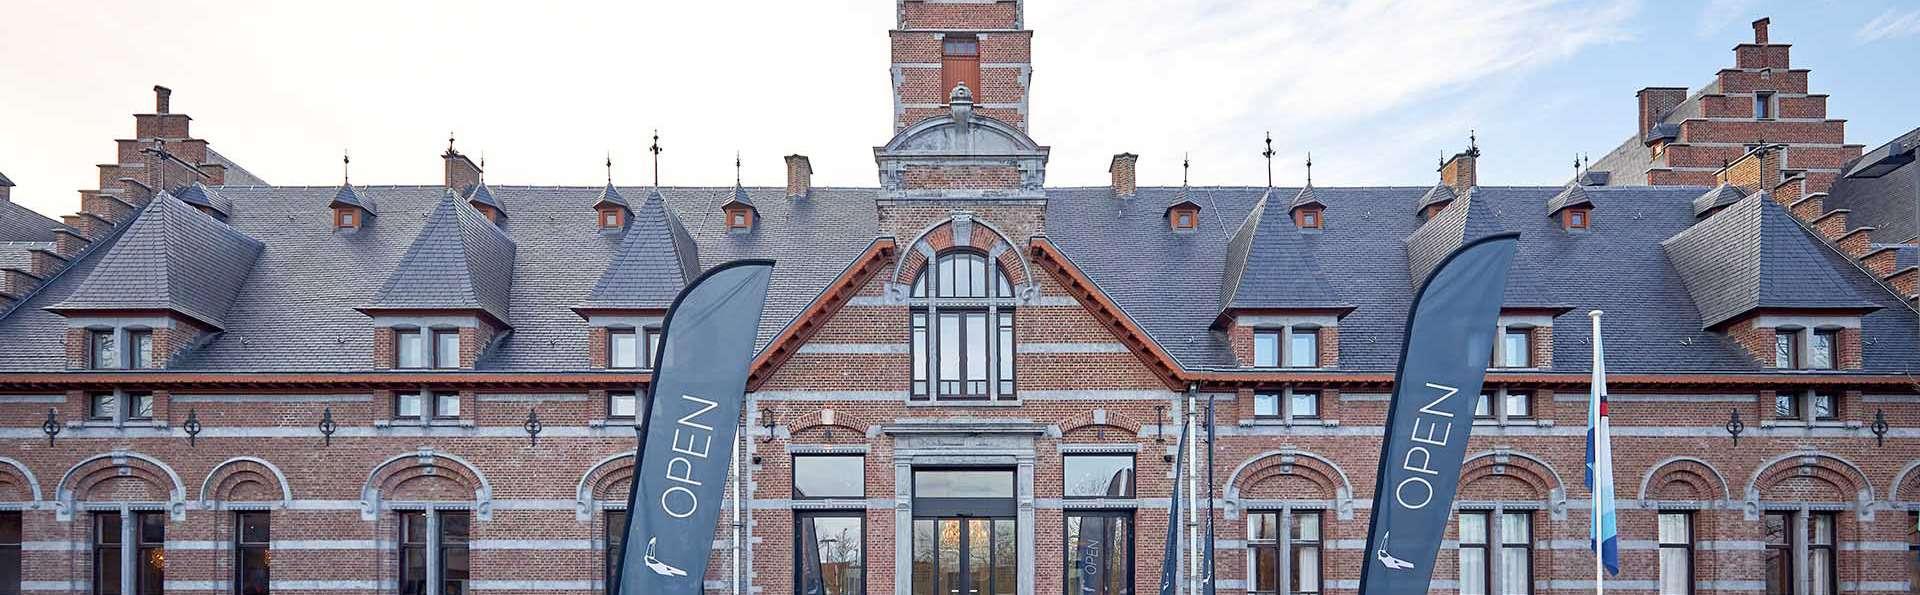 Van der Valk Hotel Mechelen - EDIT_FRONT_01.jpg